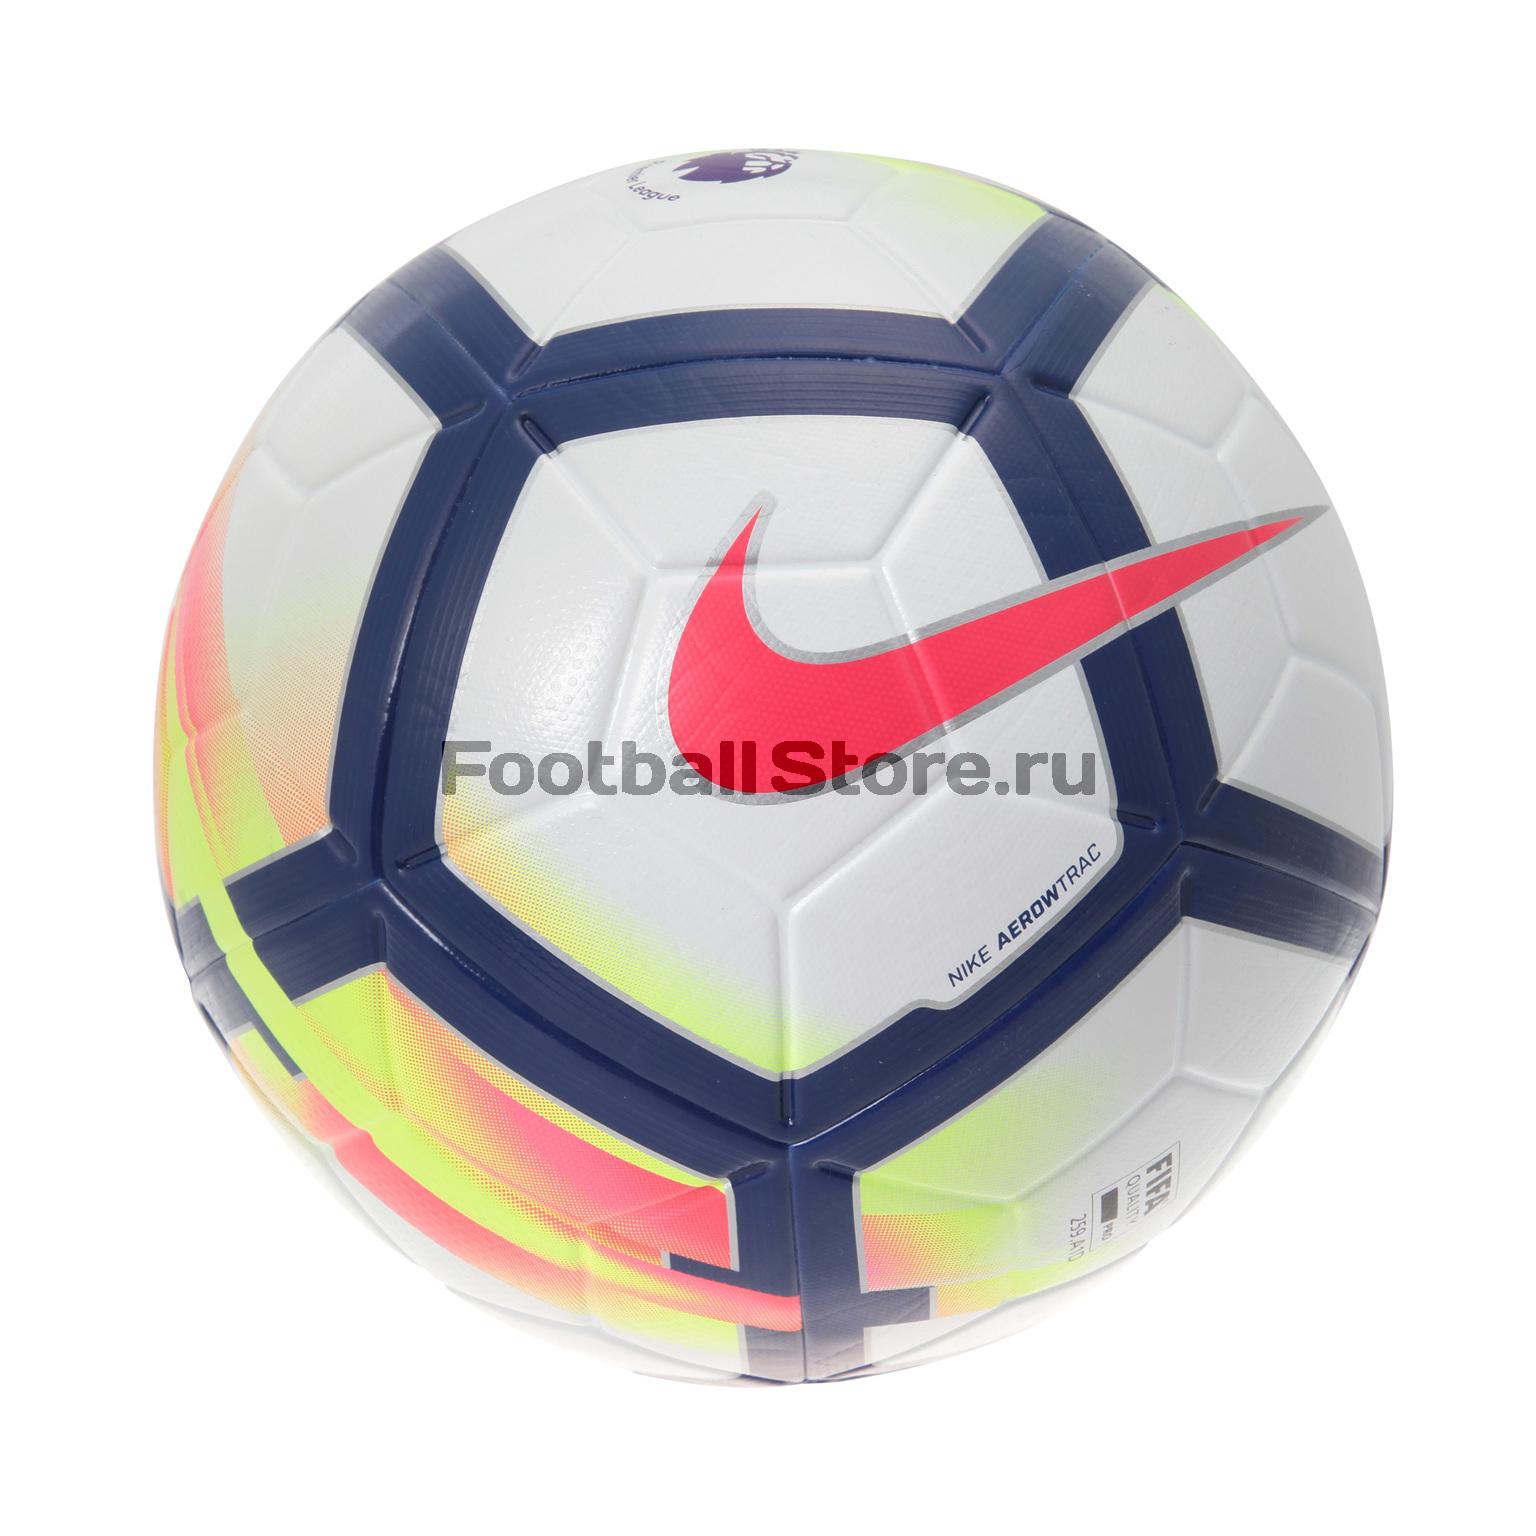 Классические Nike Официальный мяч Nike Premier League Ordem V SC3130-100